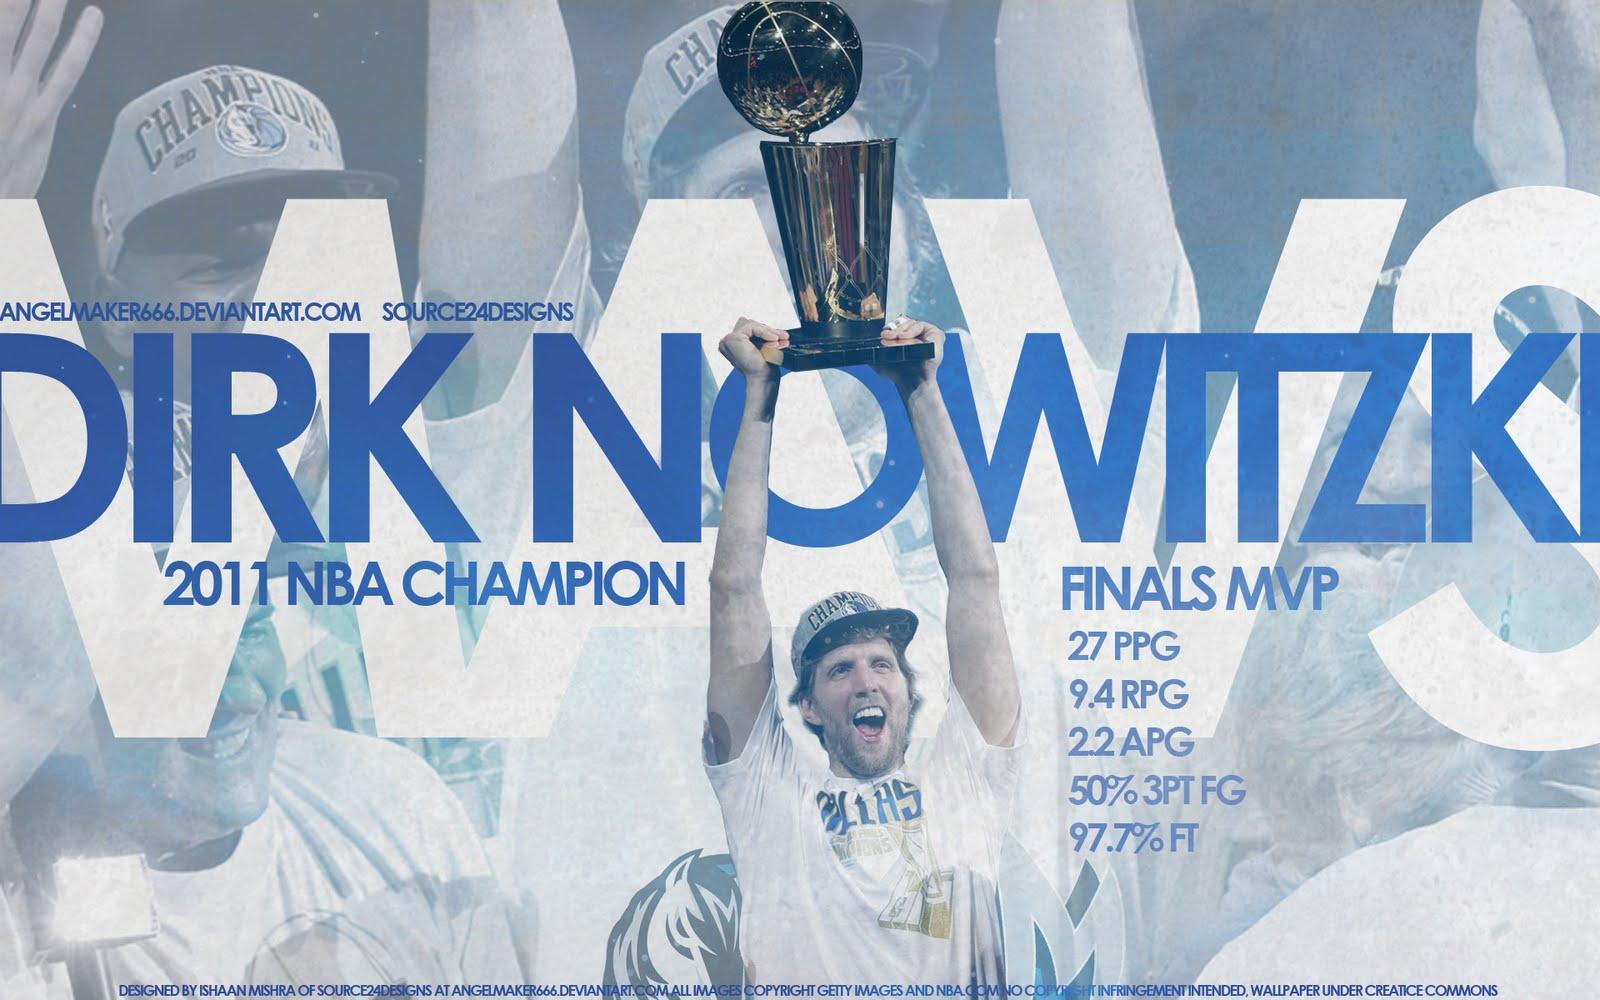 http://2.bp.blogspot.com/-kca0clDOOeg/Tftku86dyfI/AAAAAAAAF34/bcFybDKmopc/s1600/Dirk-Nowitzki-2011-NBA-Finals-MVP-Stats-Widescreen-Wallpaper-BasketWallpapers.com-.jpg